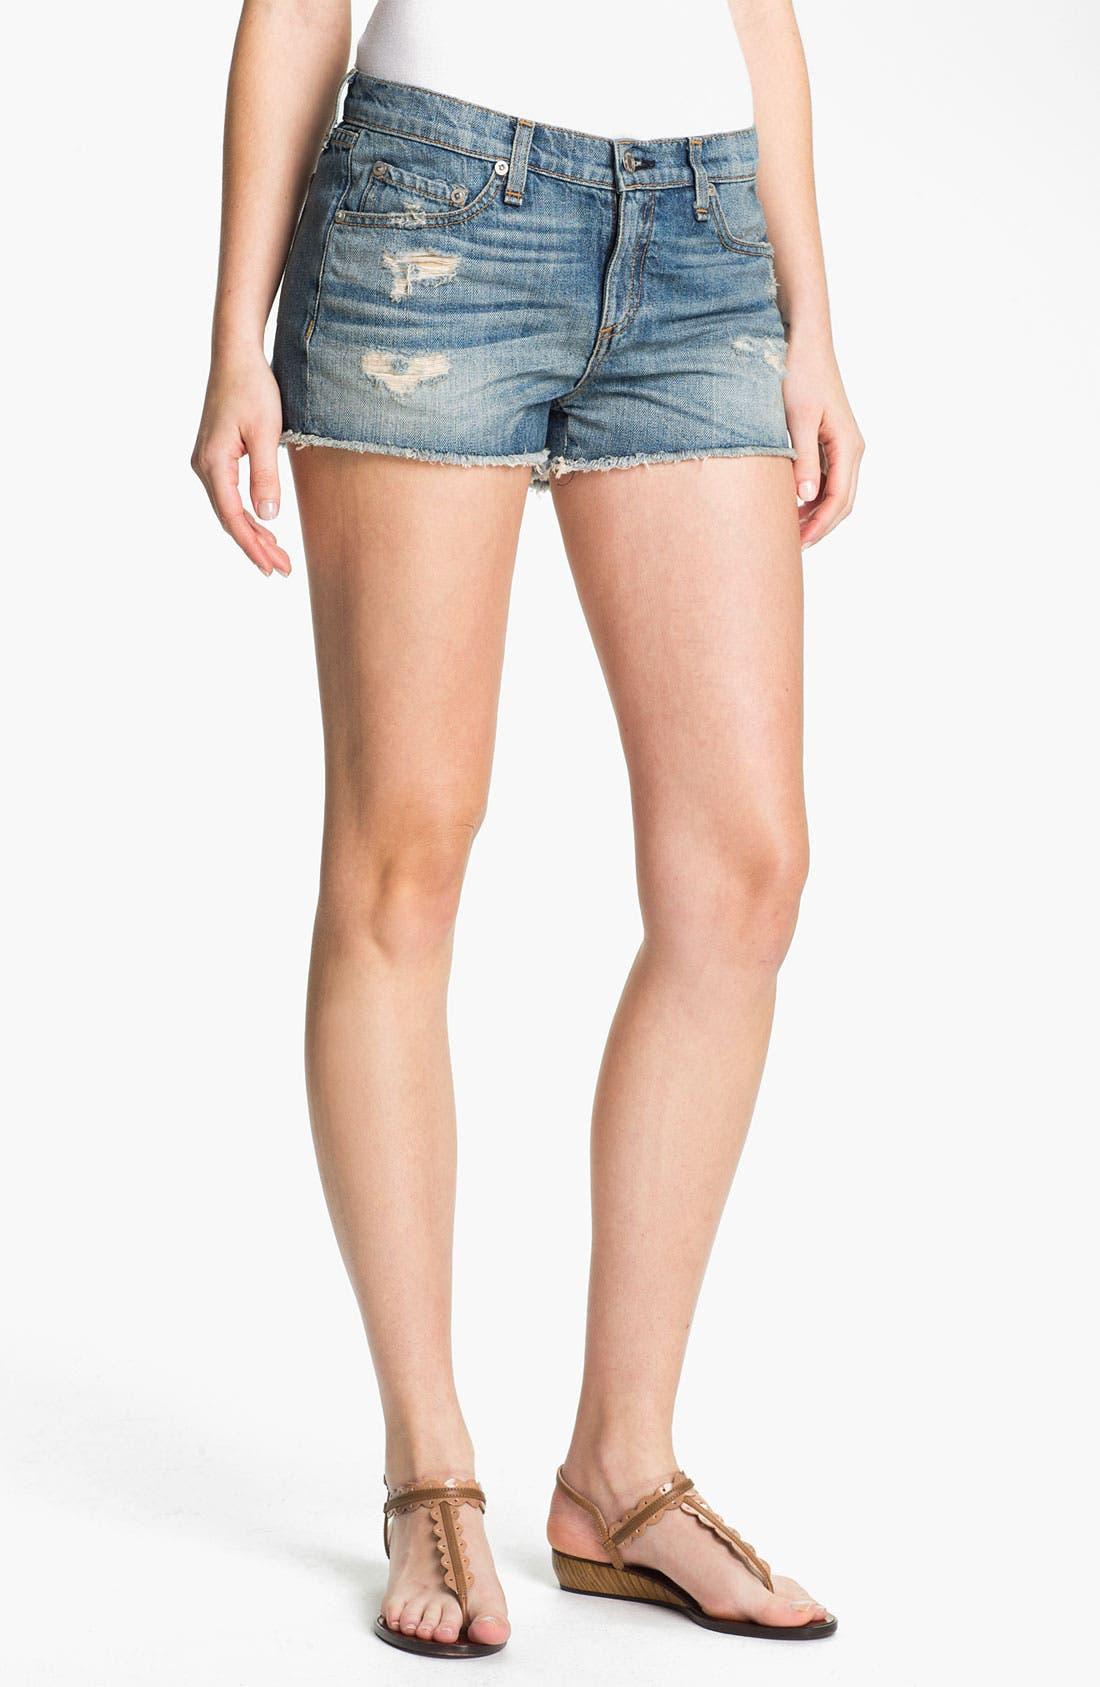 Main Image - rag & bone/JEAN 'The Cutoff' Denim Shorts